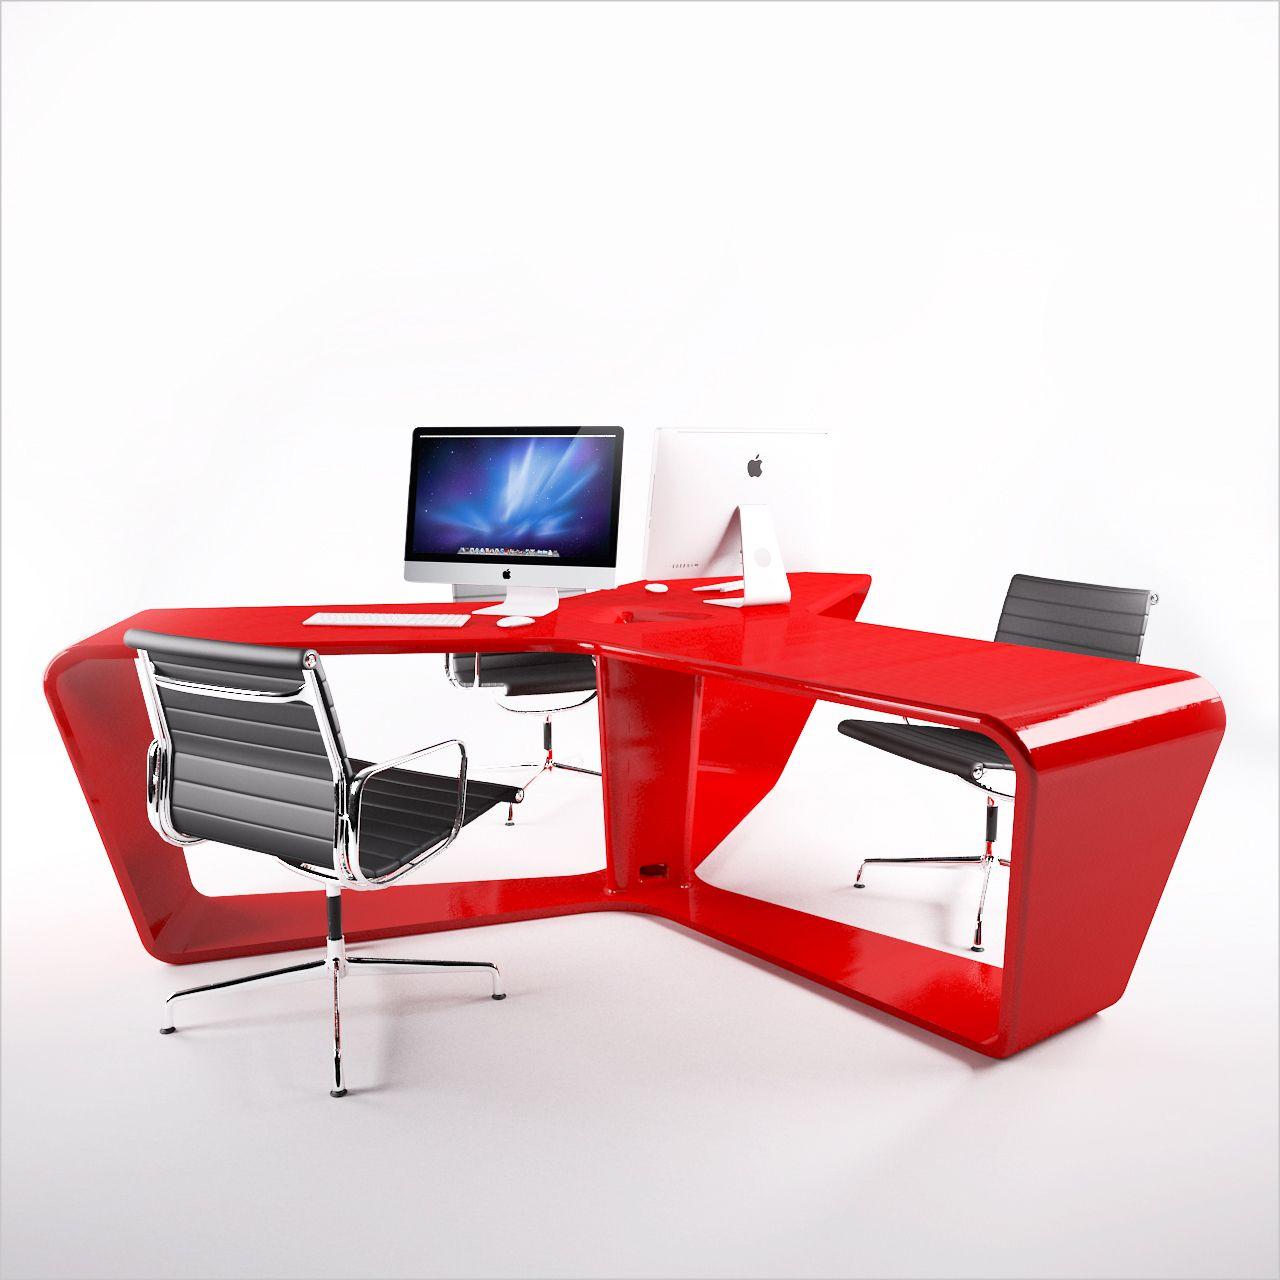 Scrivania Multipostazione Da Ufficio Design Moderno Ta3le Design Moderno Design Uffici Moderni